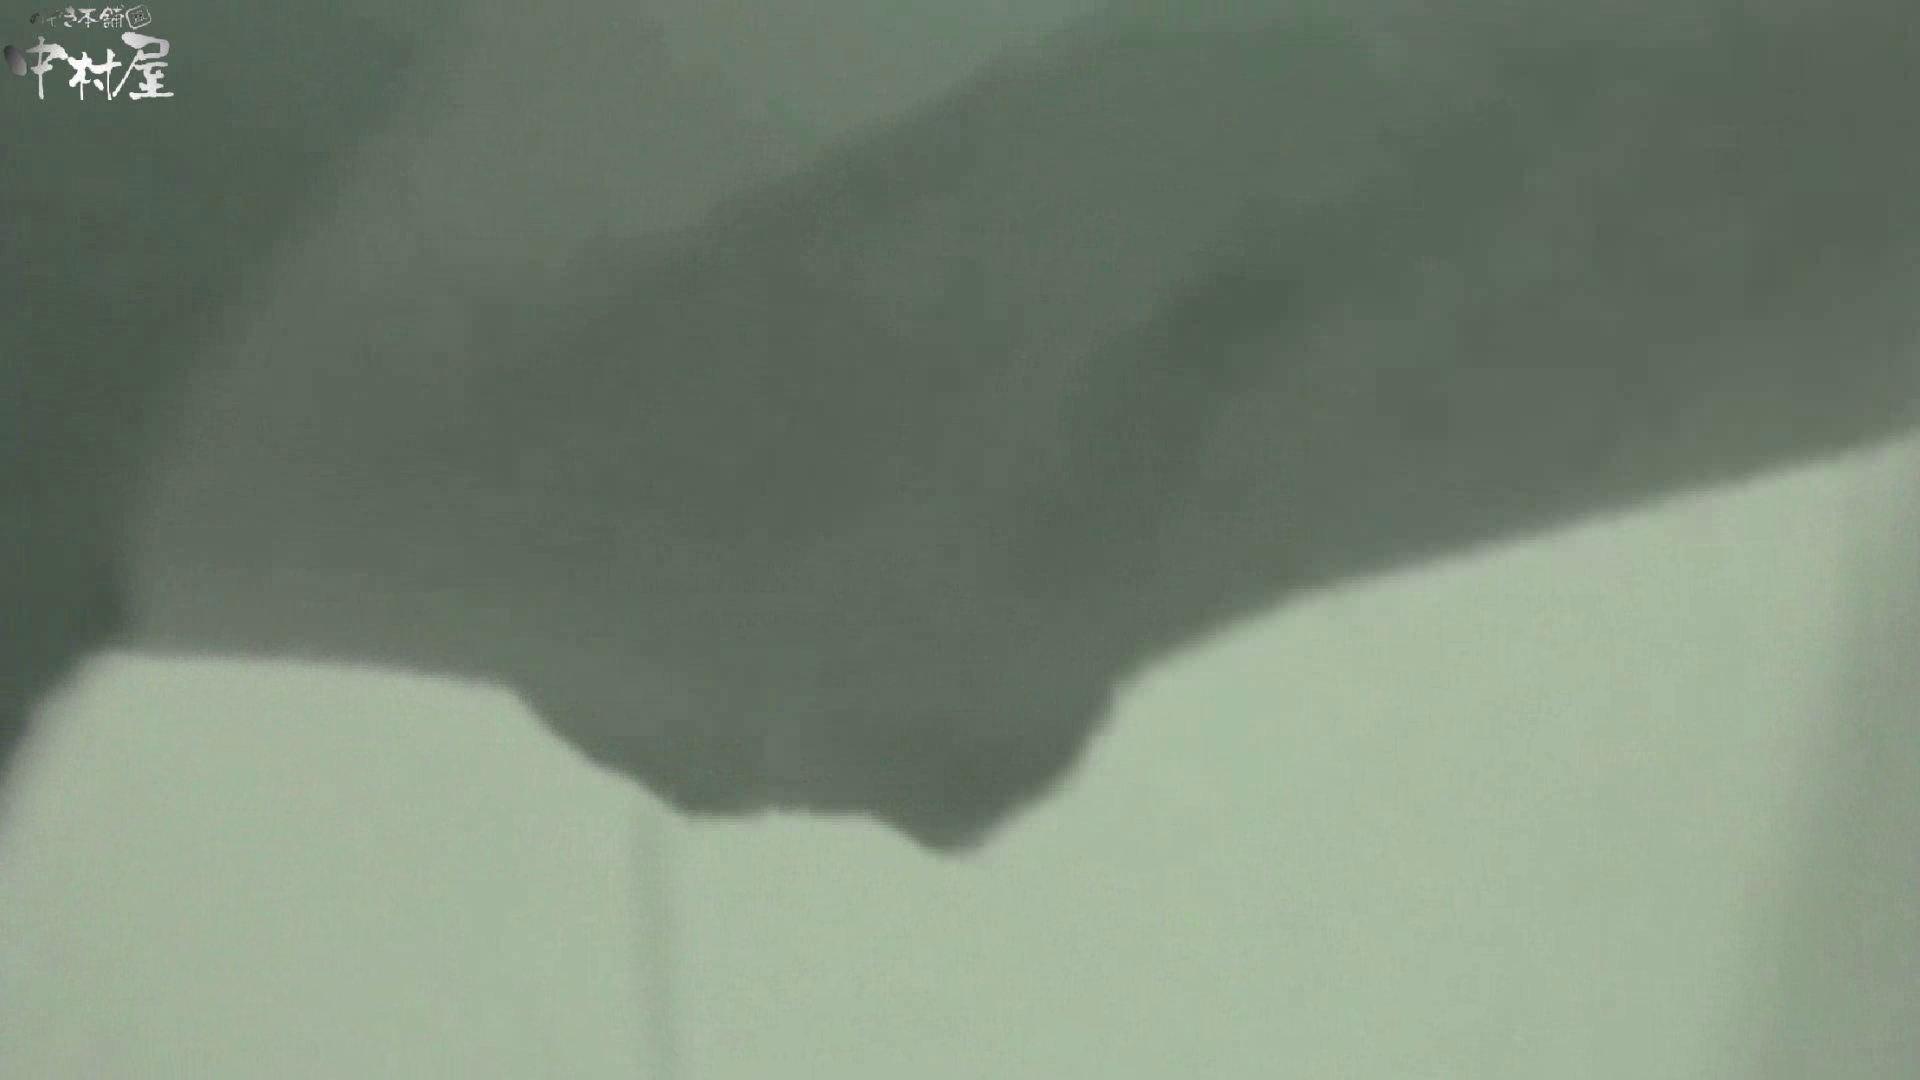 解禁!海の家4カメ洗面所vol.08 人気シリーズ | 洗面所  71pic 6